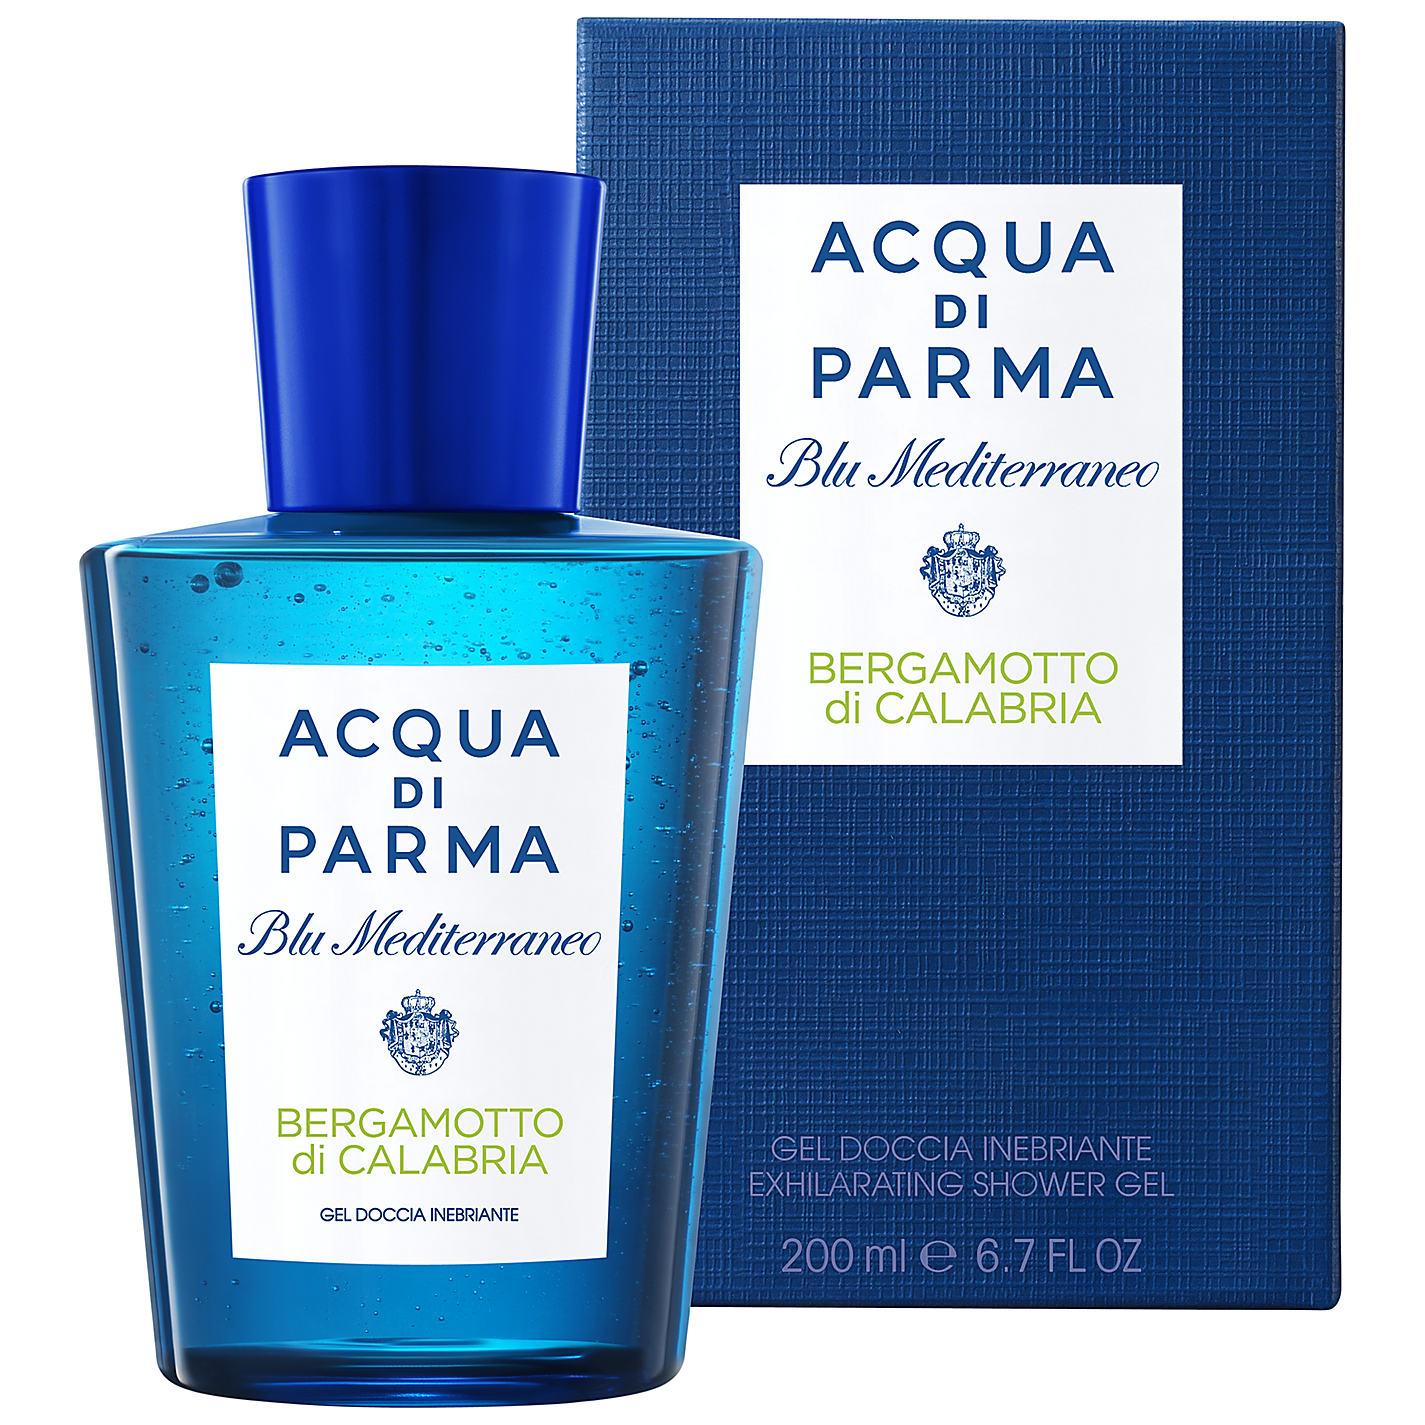 Acqua Di Parma Blu Mediterraneo Bergamotto Di Calabria Shower Gel 200 ml